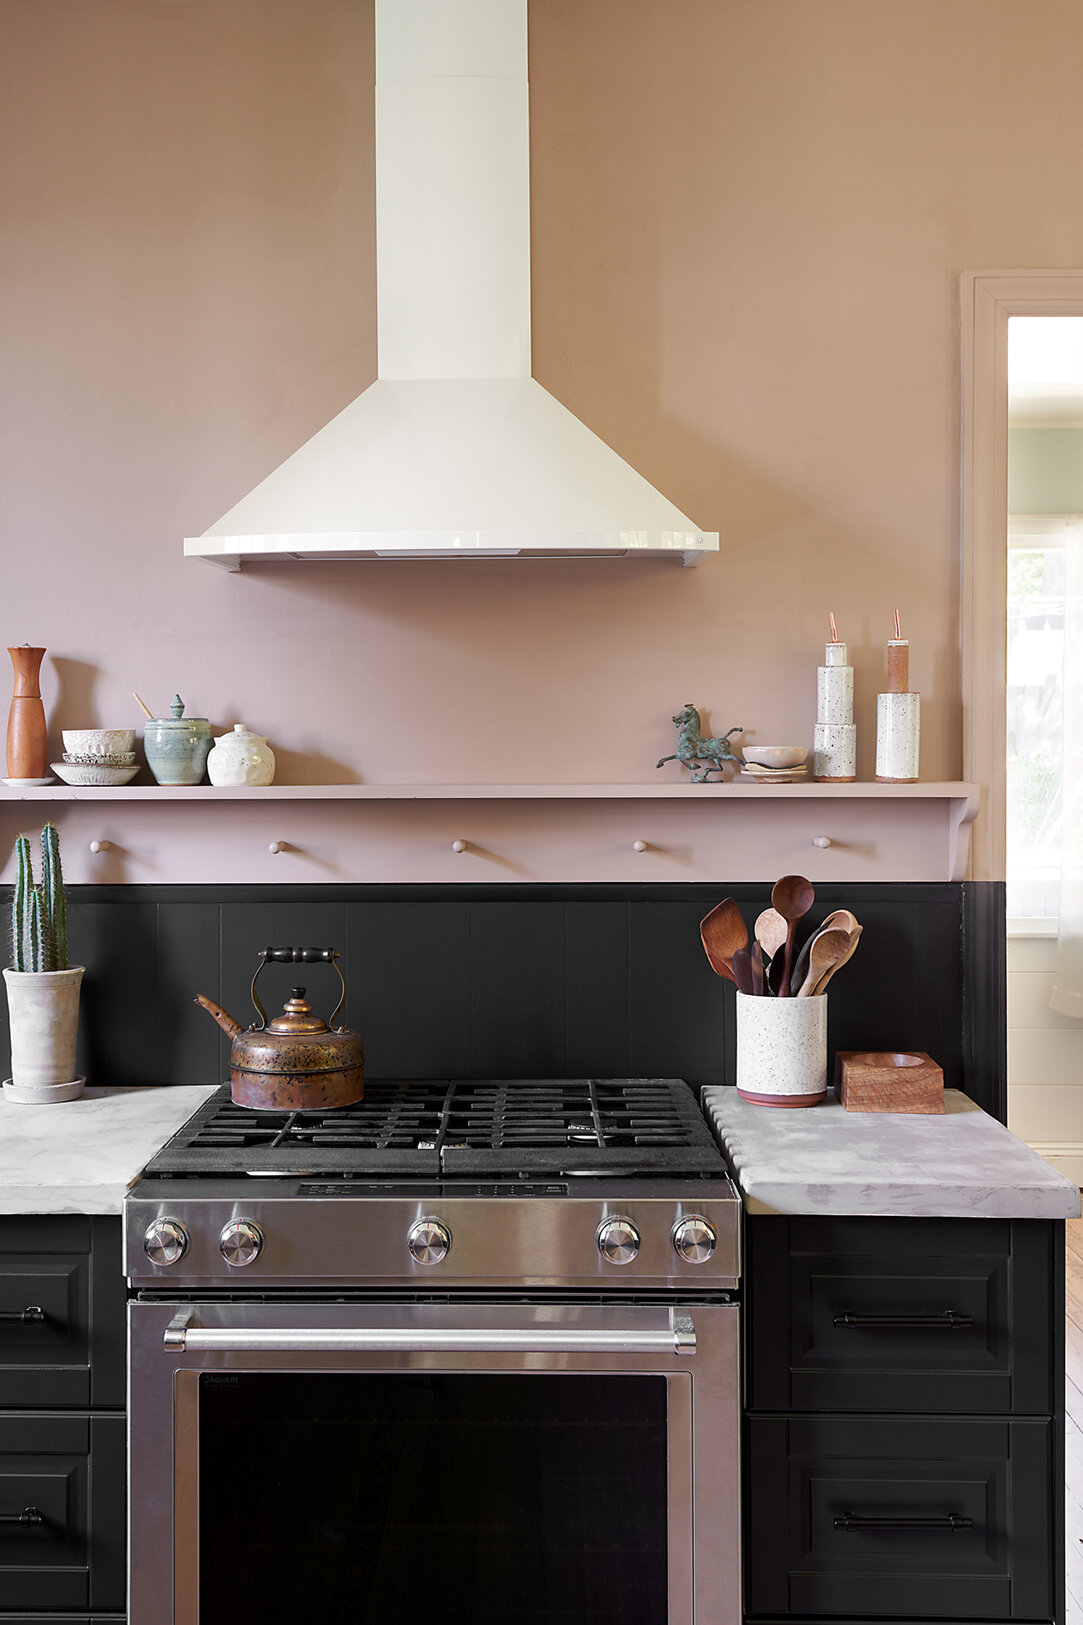 kitchen_lowres_stove_v2.jpg